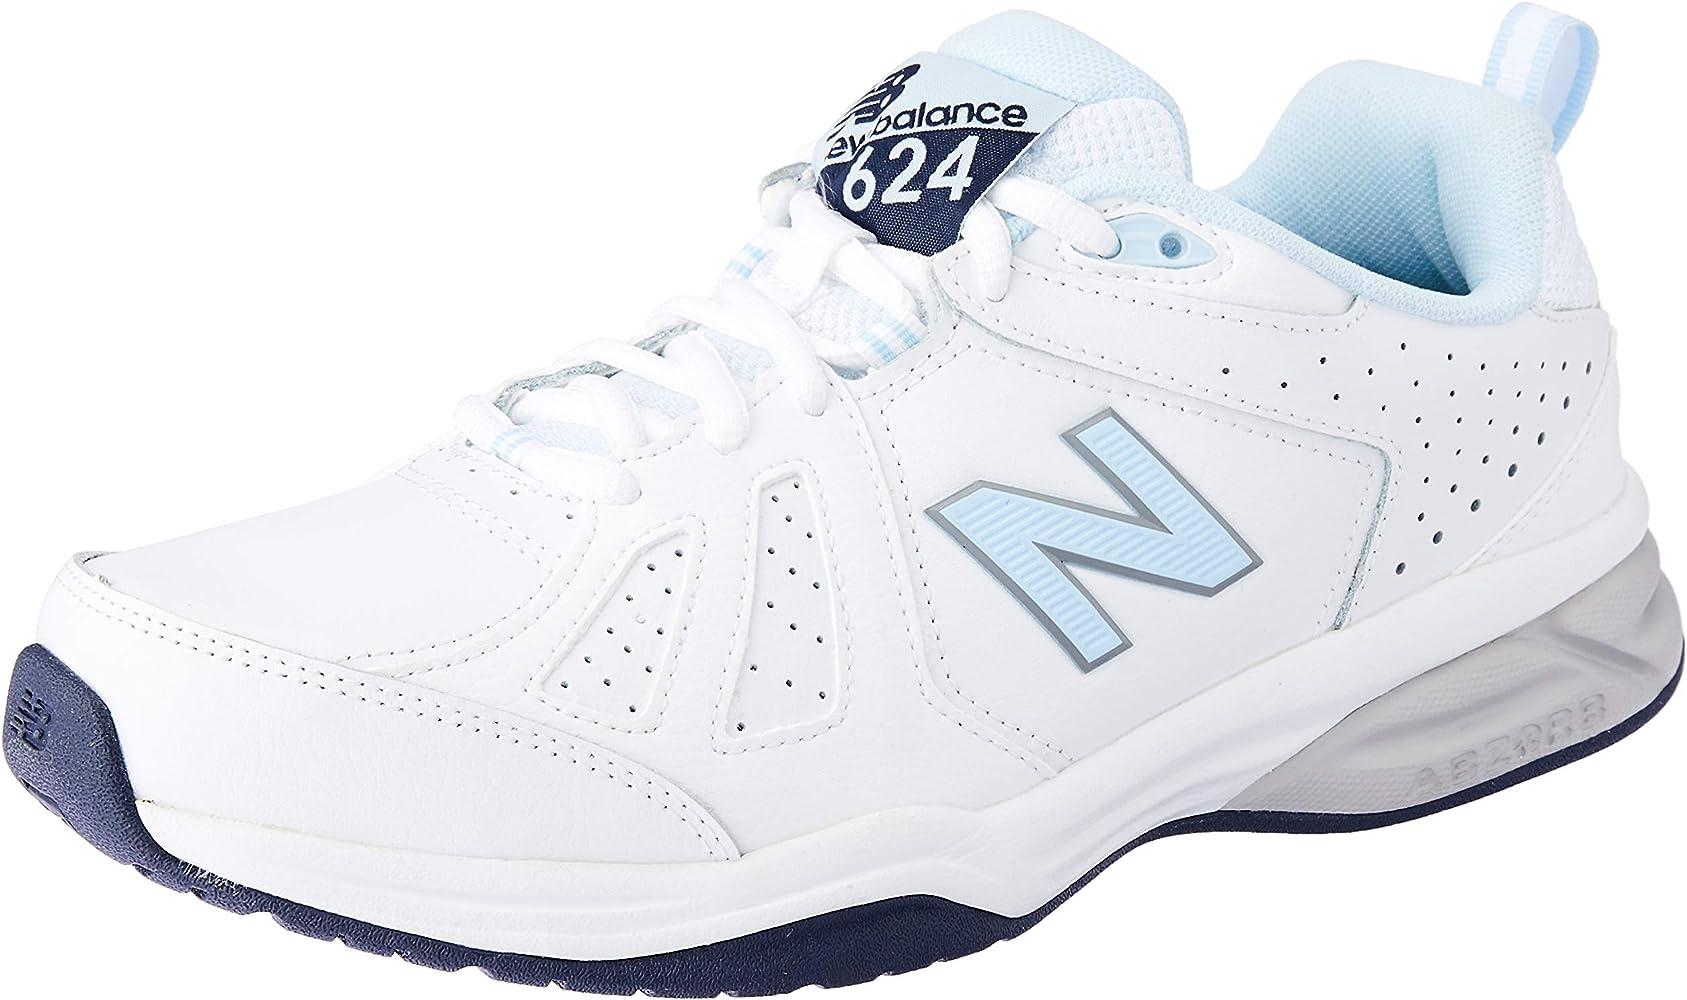 New Balance 624v5 Zapatillas Deportivas para Interior para Hombre